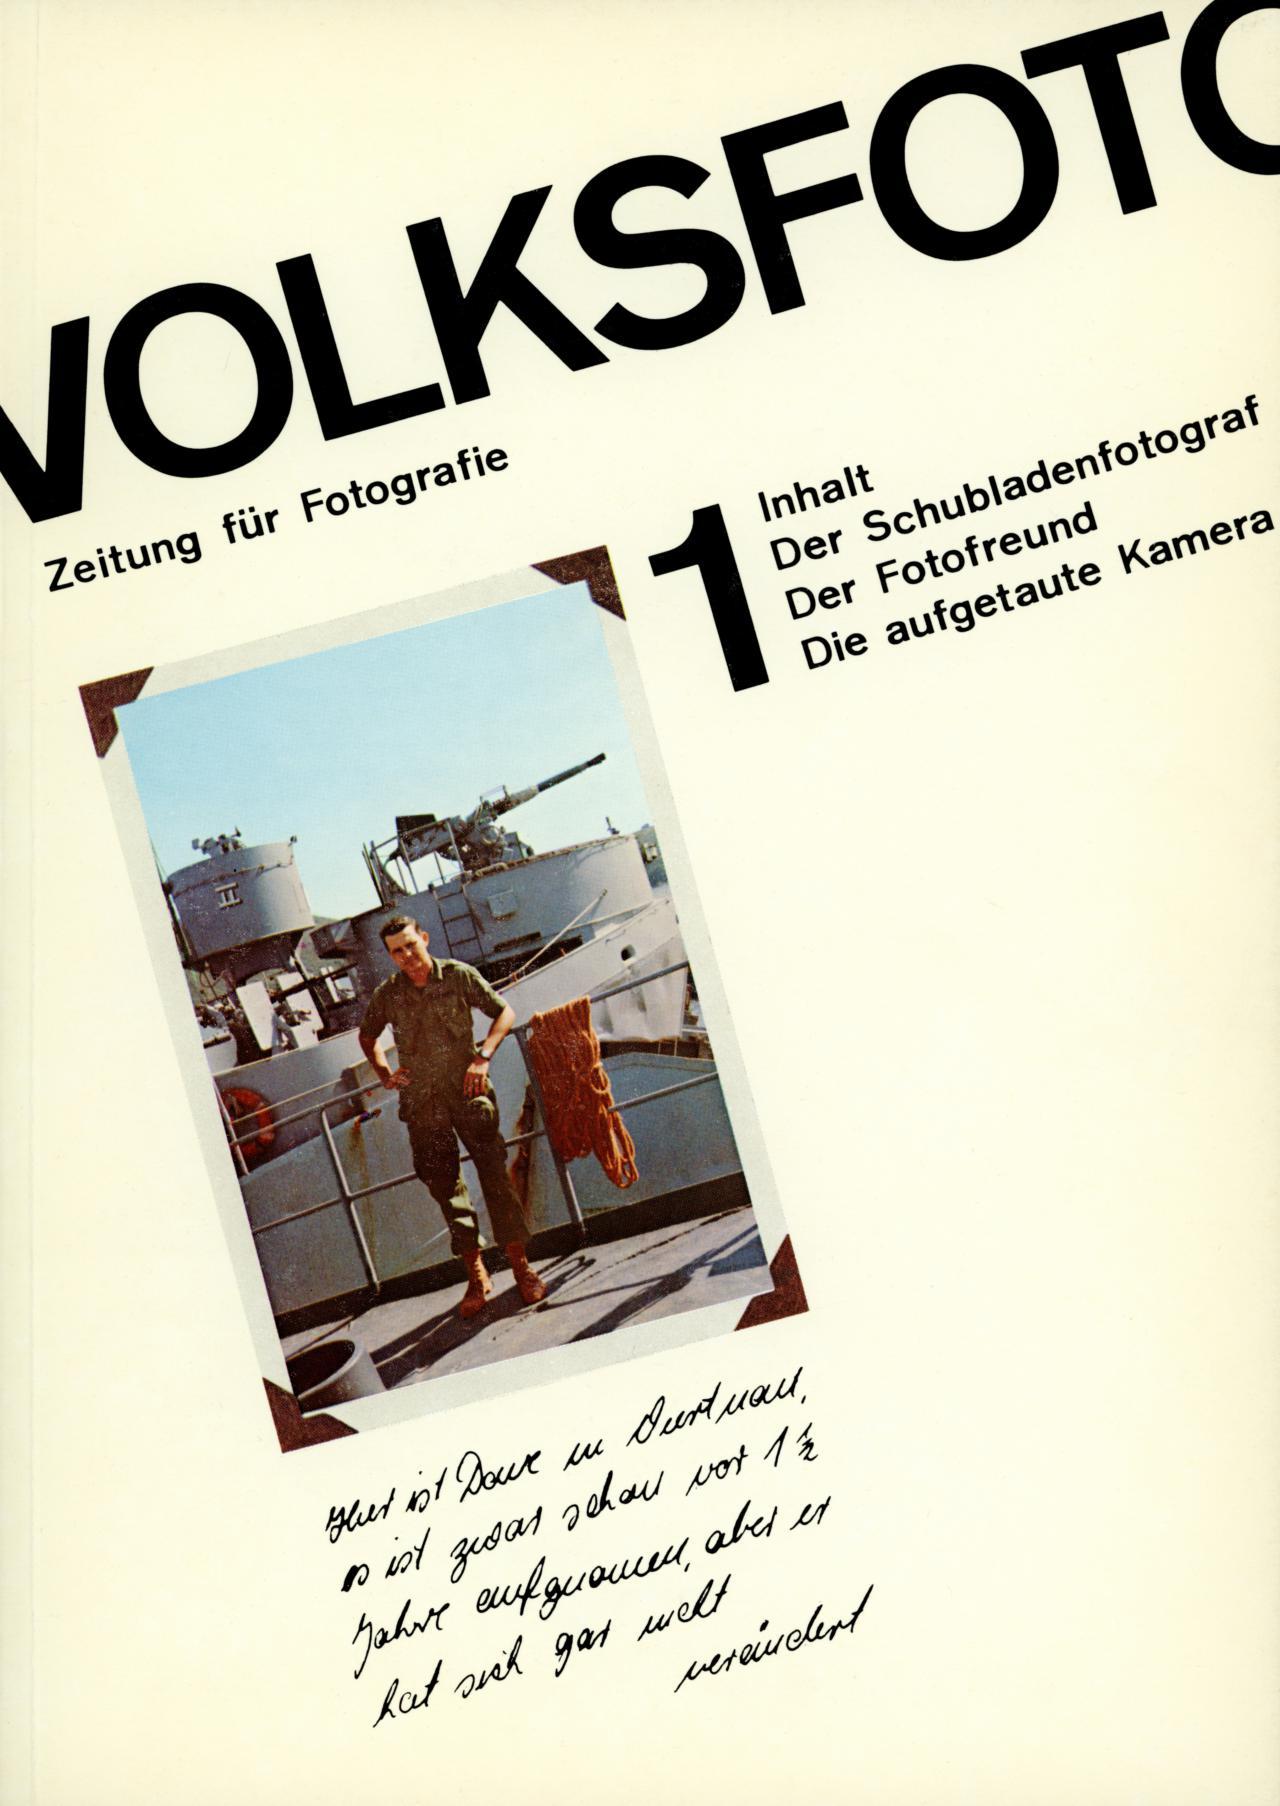 Dieter Hacker und Andreas  Seltzer (Hg.), Volksfoto. Zeitung für Fotografie, Nr. 1, 7. Produzentengalerie, Berlin, 1976.